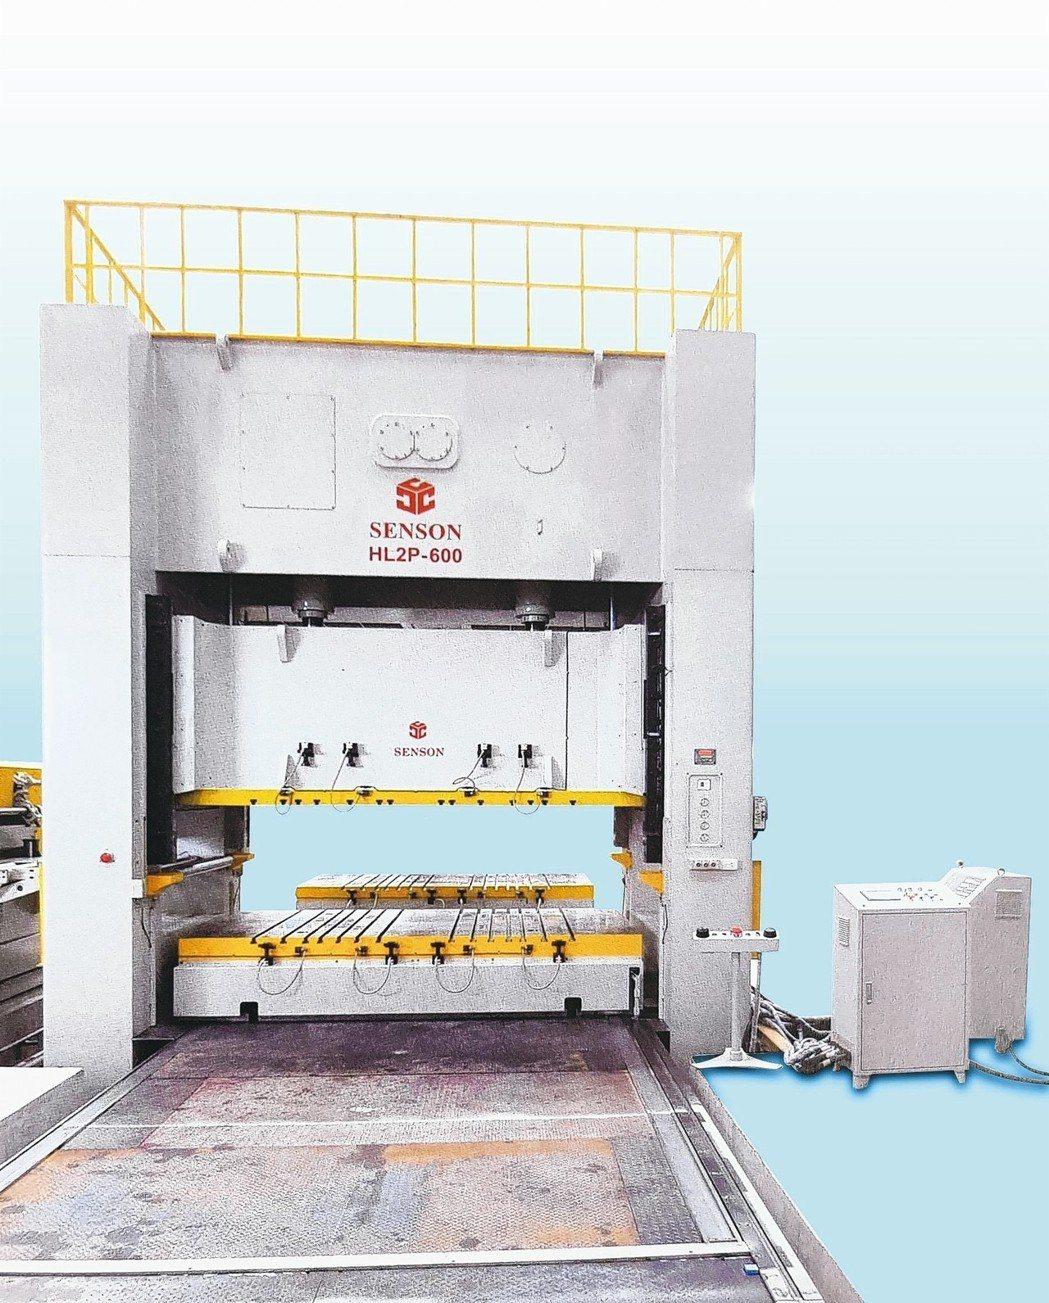 千昌機械產製HL2P-200至1200 TONS門型雙軸連桿式精密沖床。 千昌機...